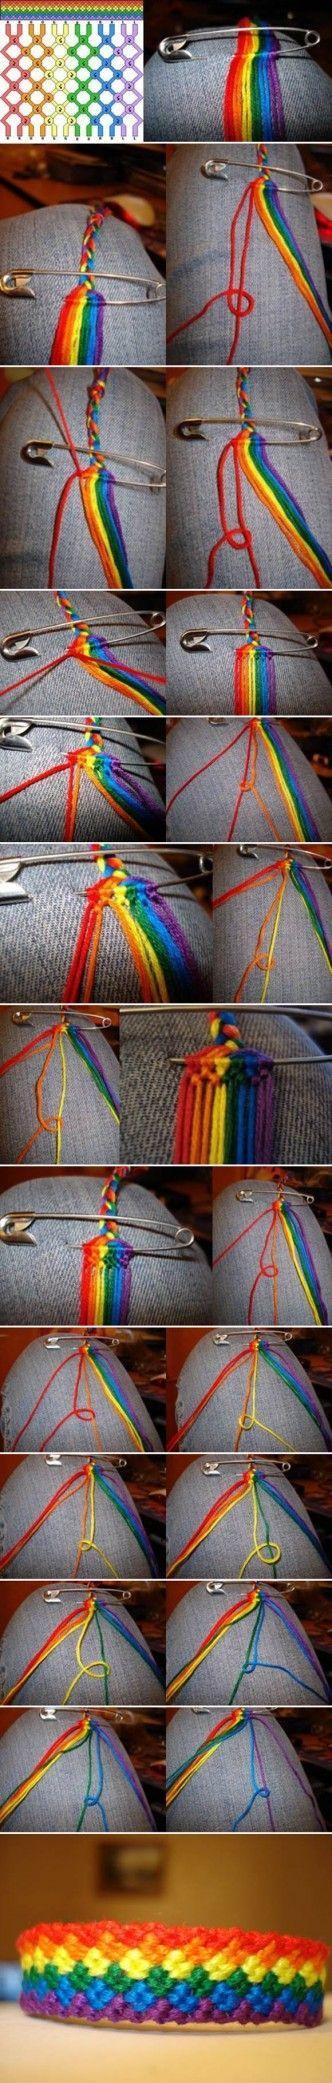 How to DIY Weave Rainbow Color Baubles Bracelet: